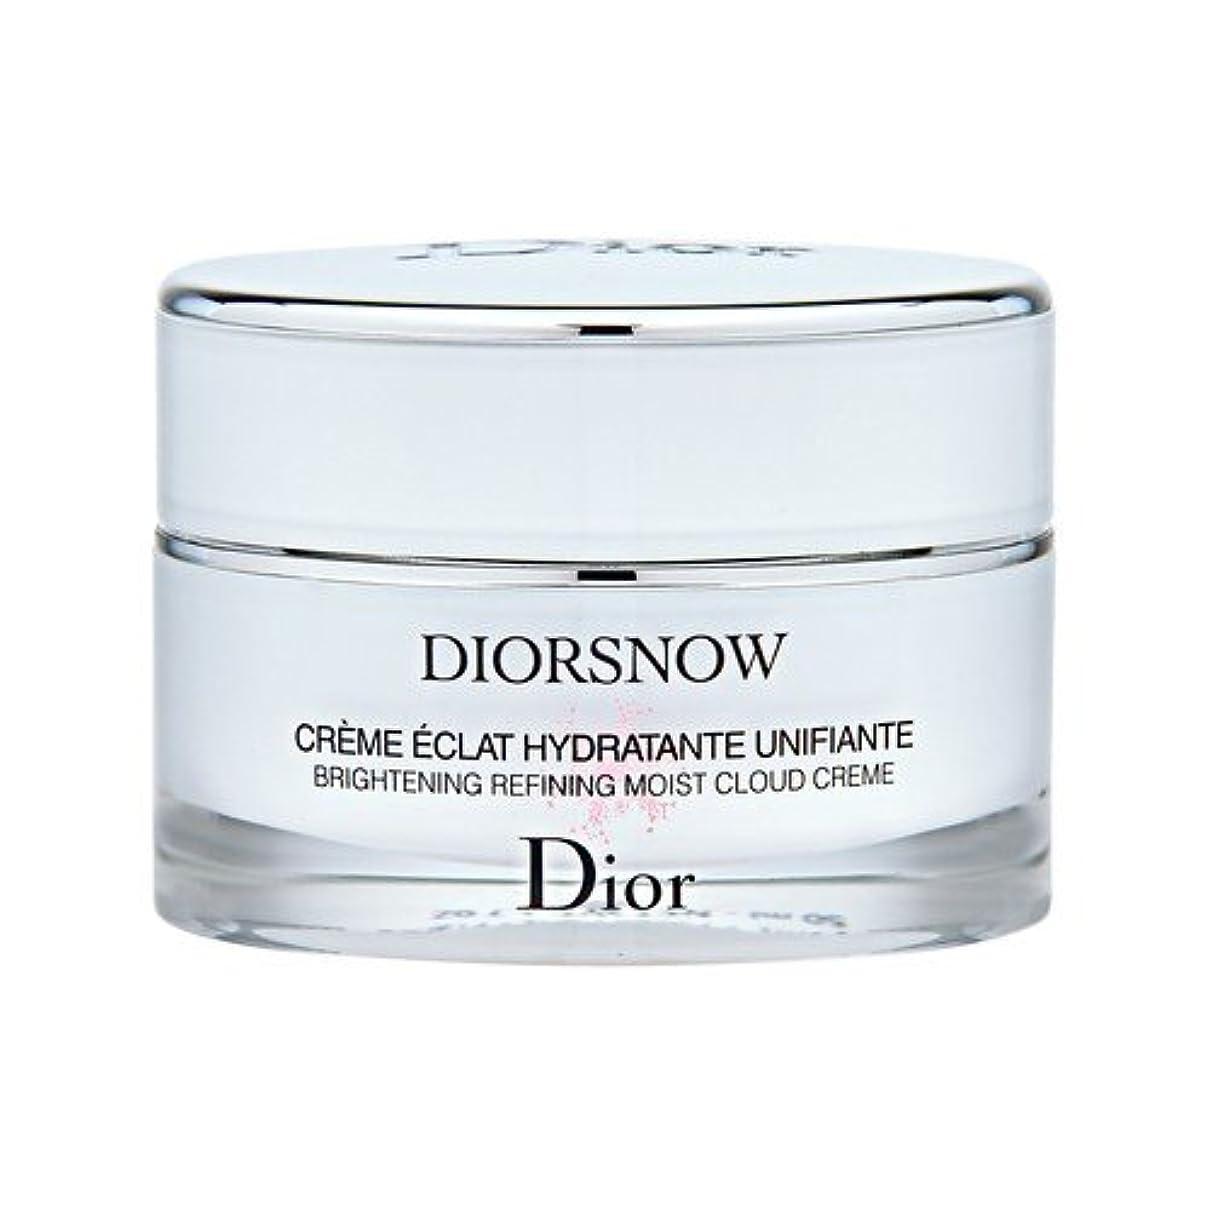 欲望ベースあなたのものクリスチャン ディオール(Christian Dior) スノー ブライトニング モイスト クリーム 50ml[並行輸入品]